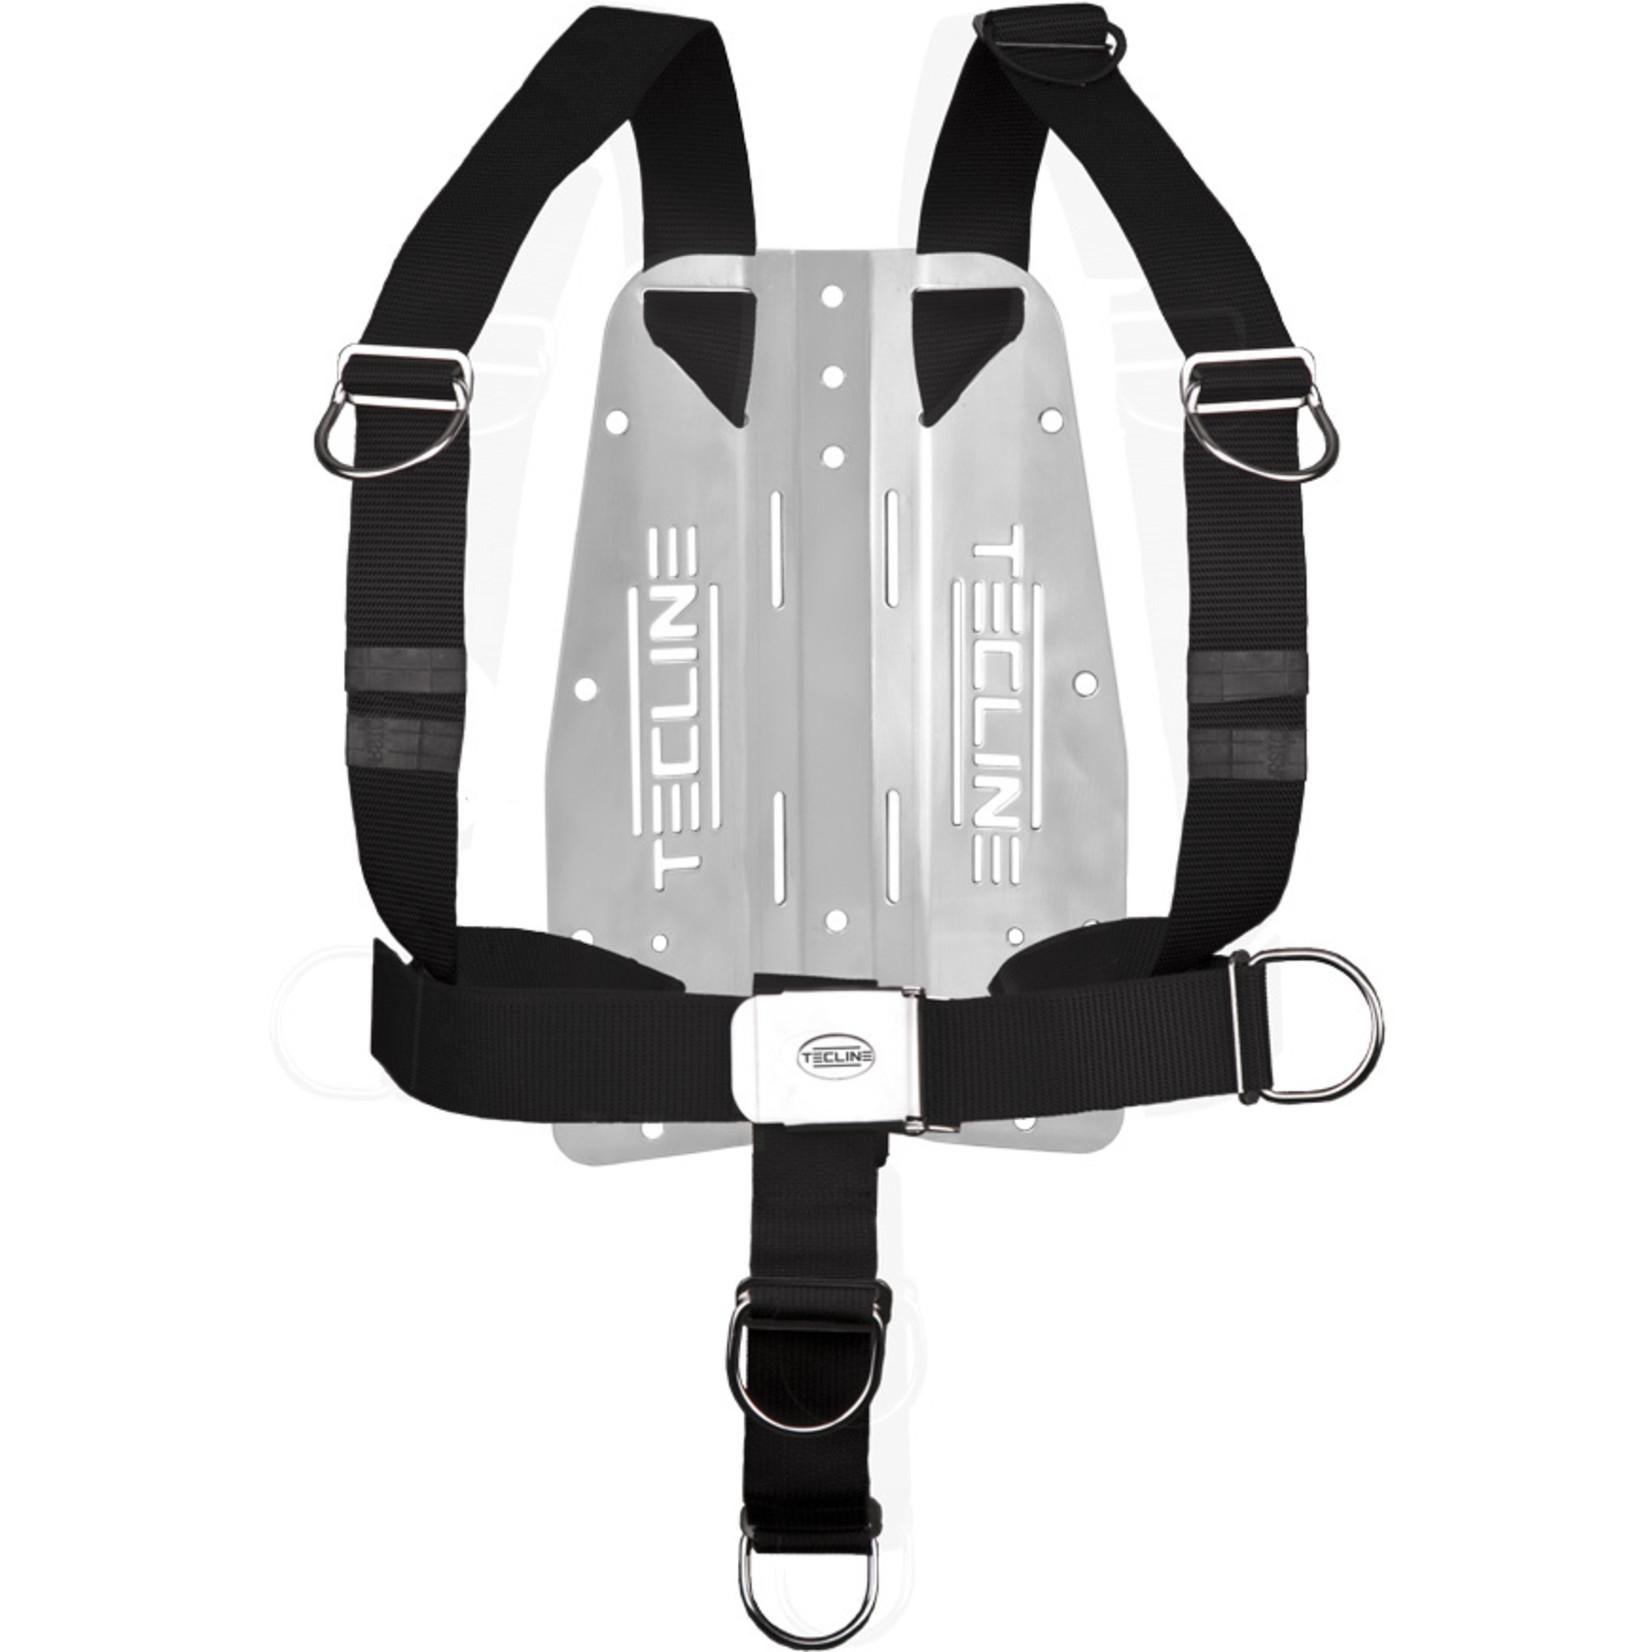 Tecline Harness TecLine DIR adjustable standrad webbingh - incl. 3mm RVS backplate